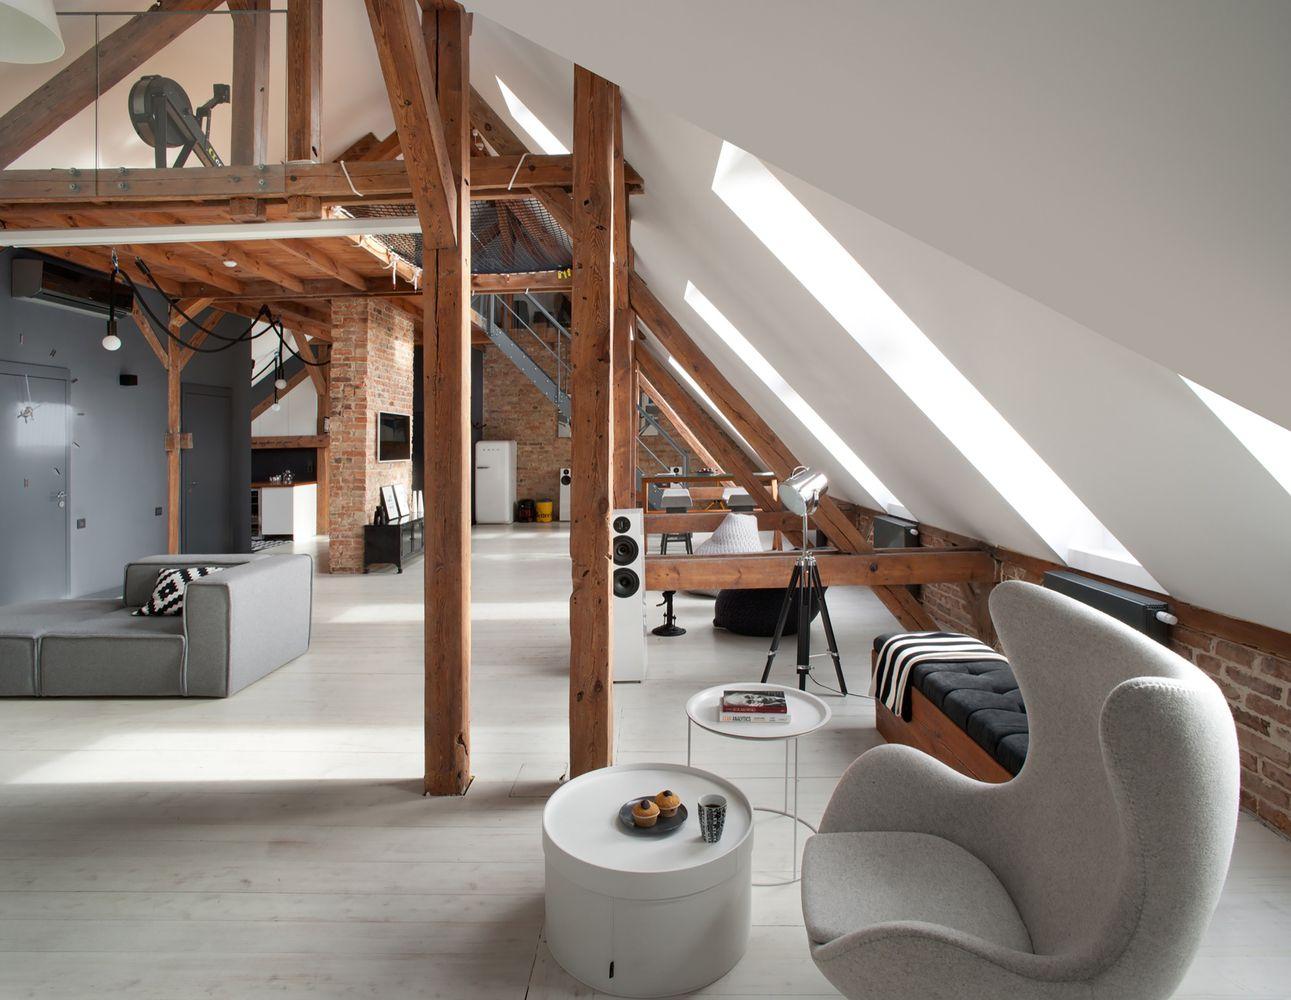 Galería de Departamento en Poznan / Cuns Studio - 2